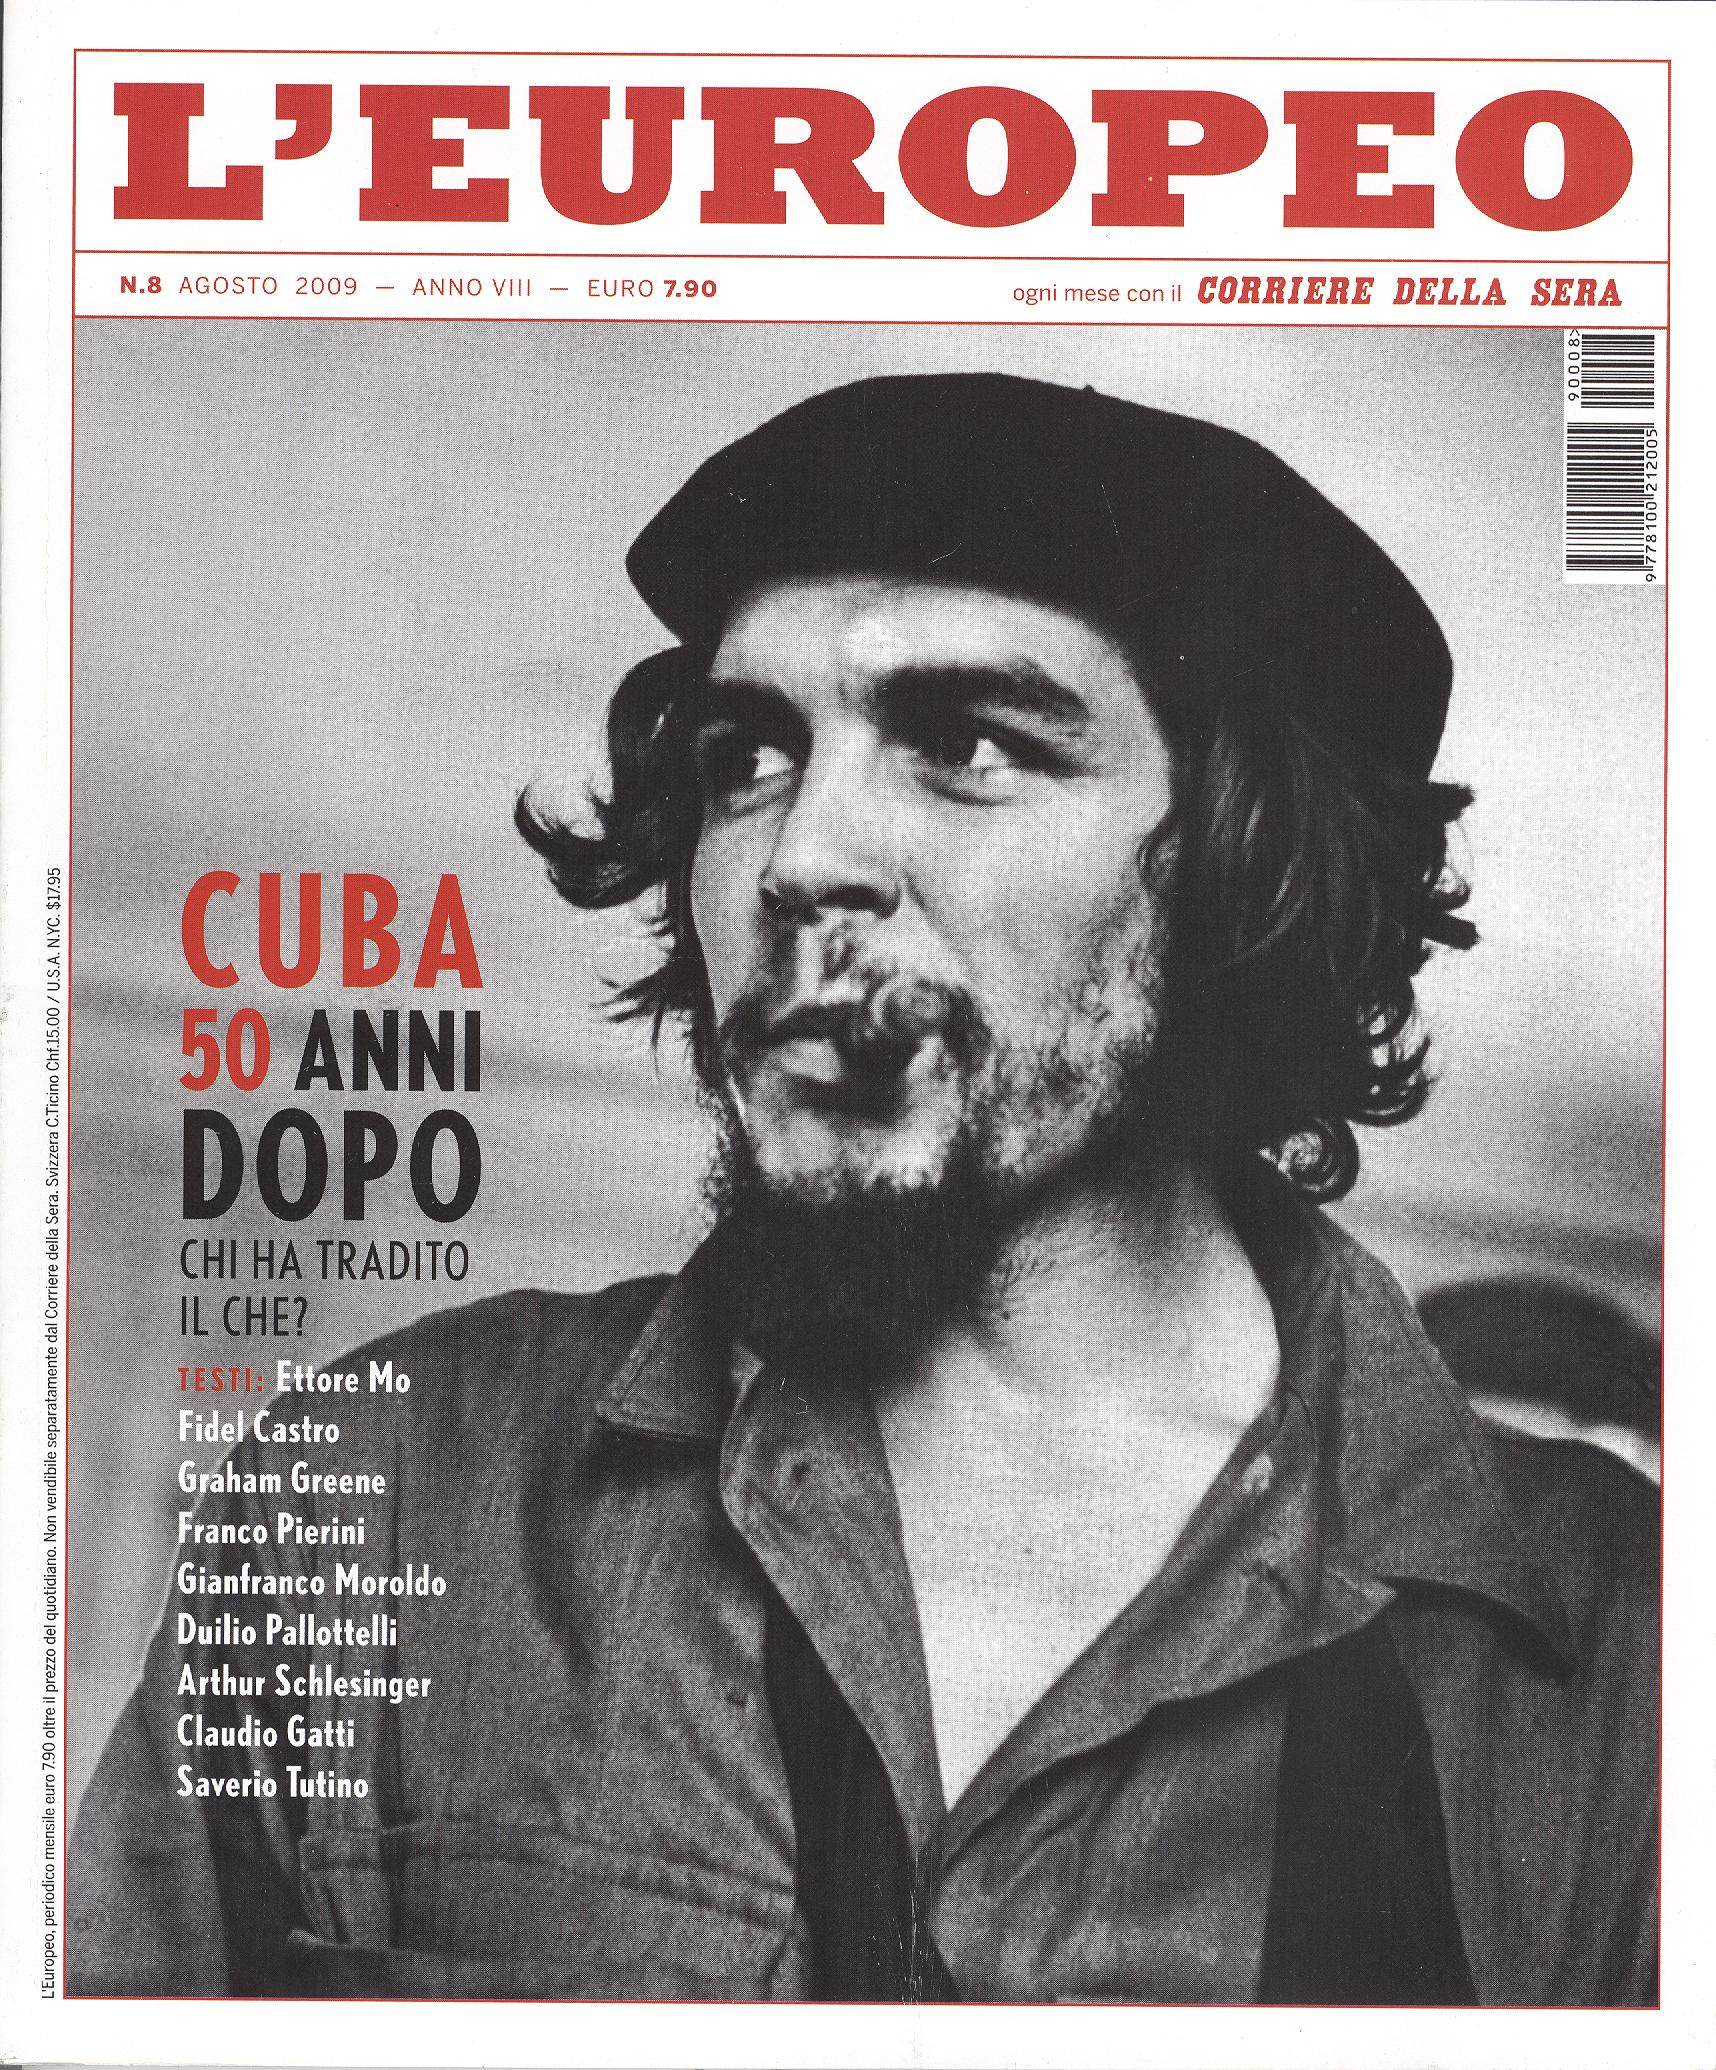 Cuba 50 anni dopo